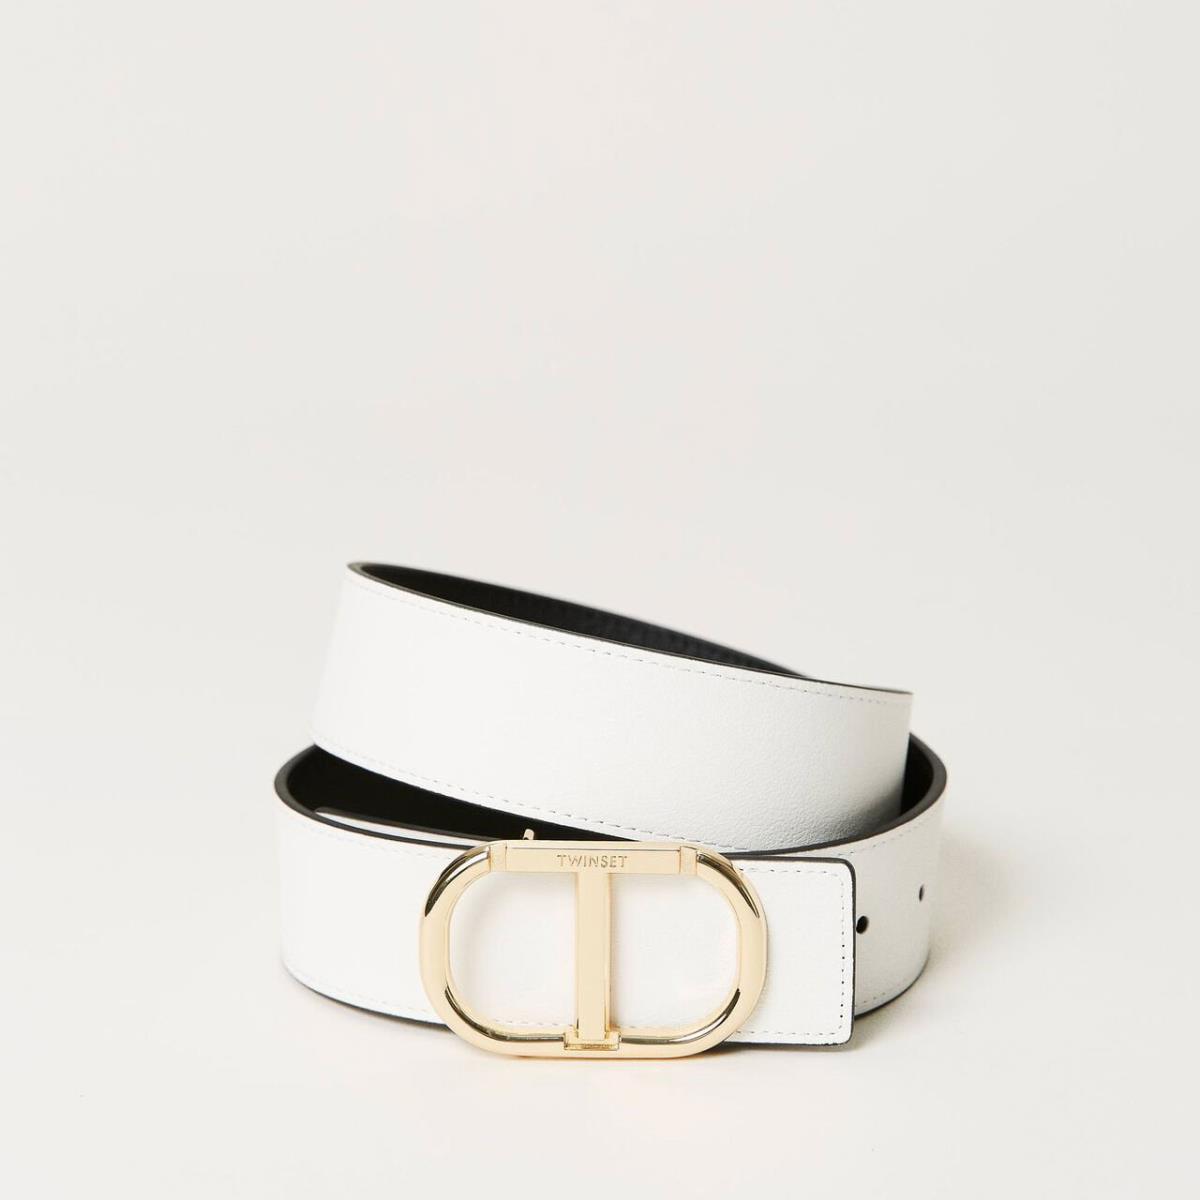 Cintura in pelle con fibbia logo donna Twinset Accessori   211T0506301825